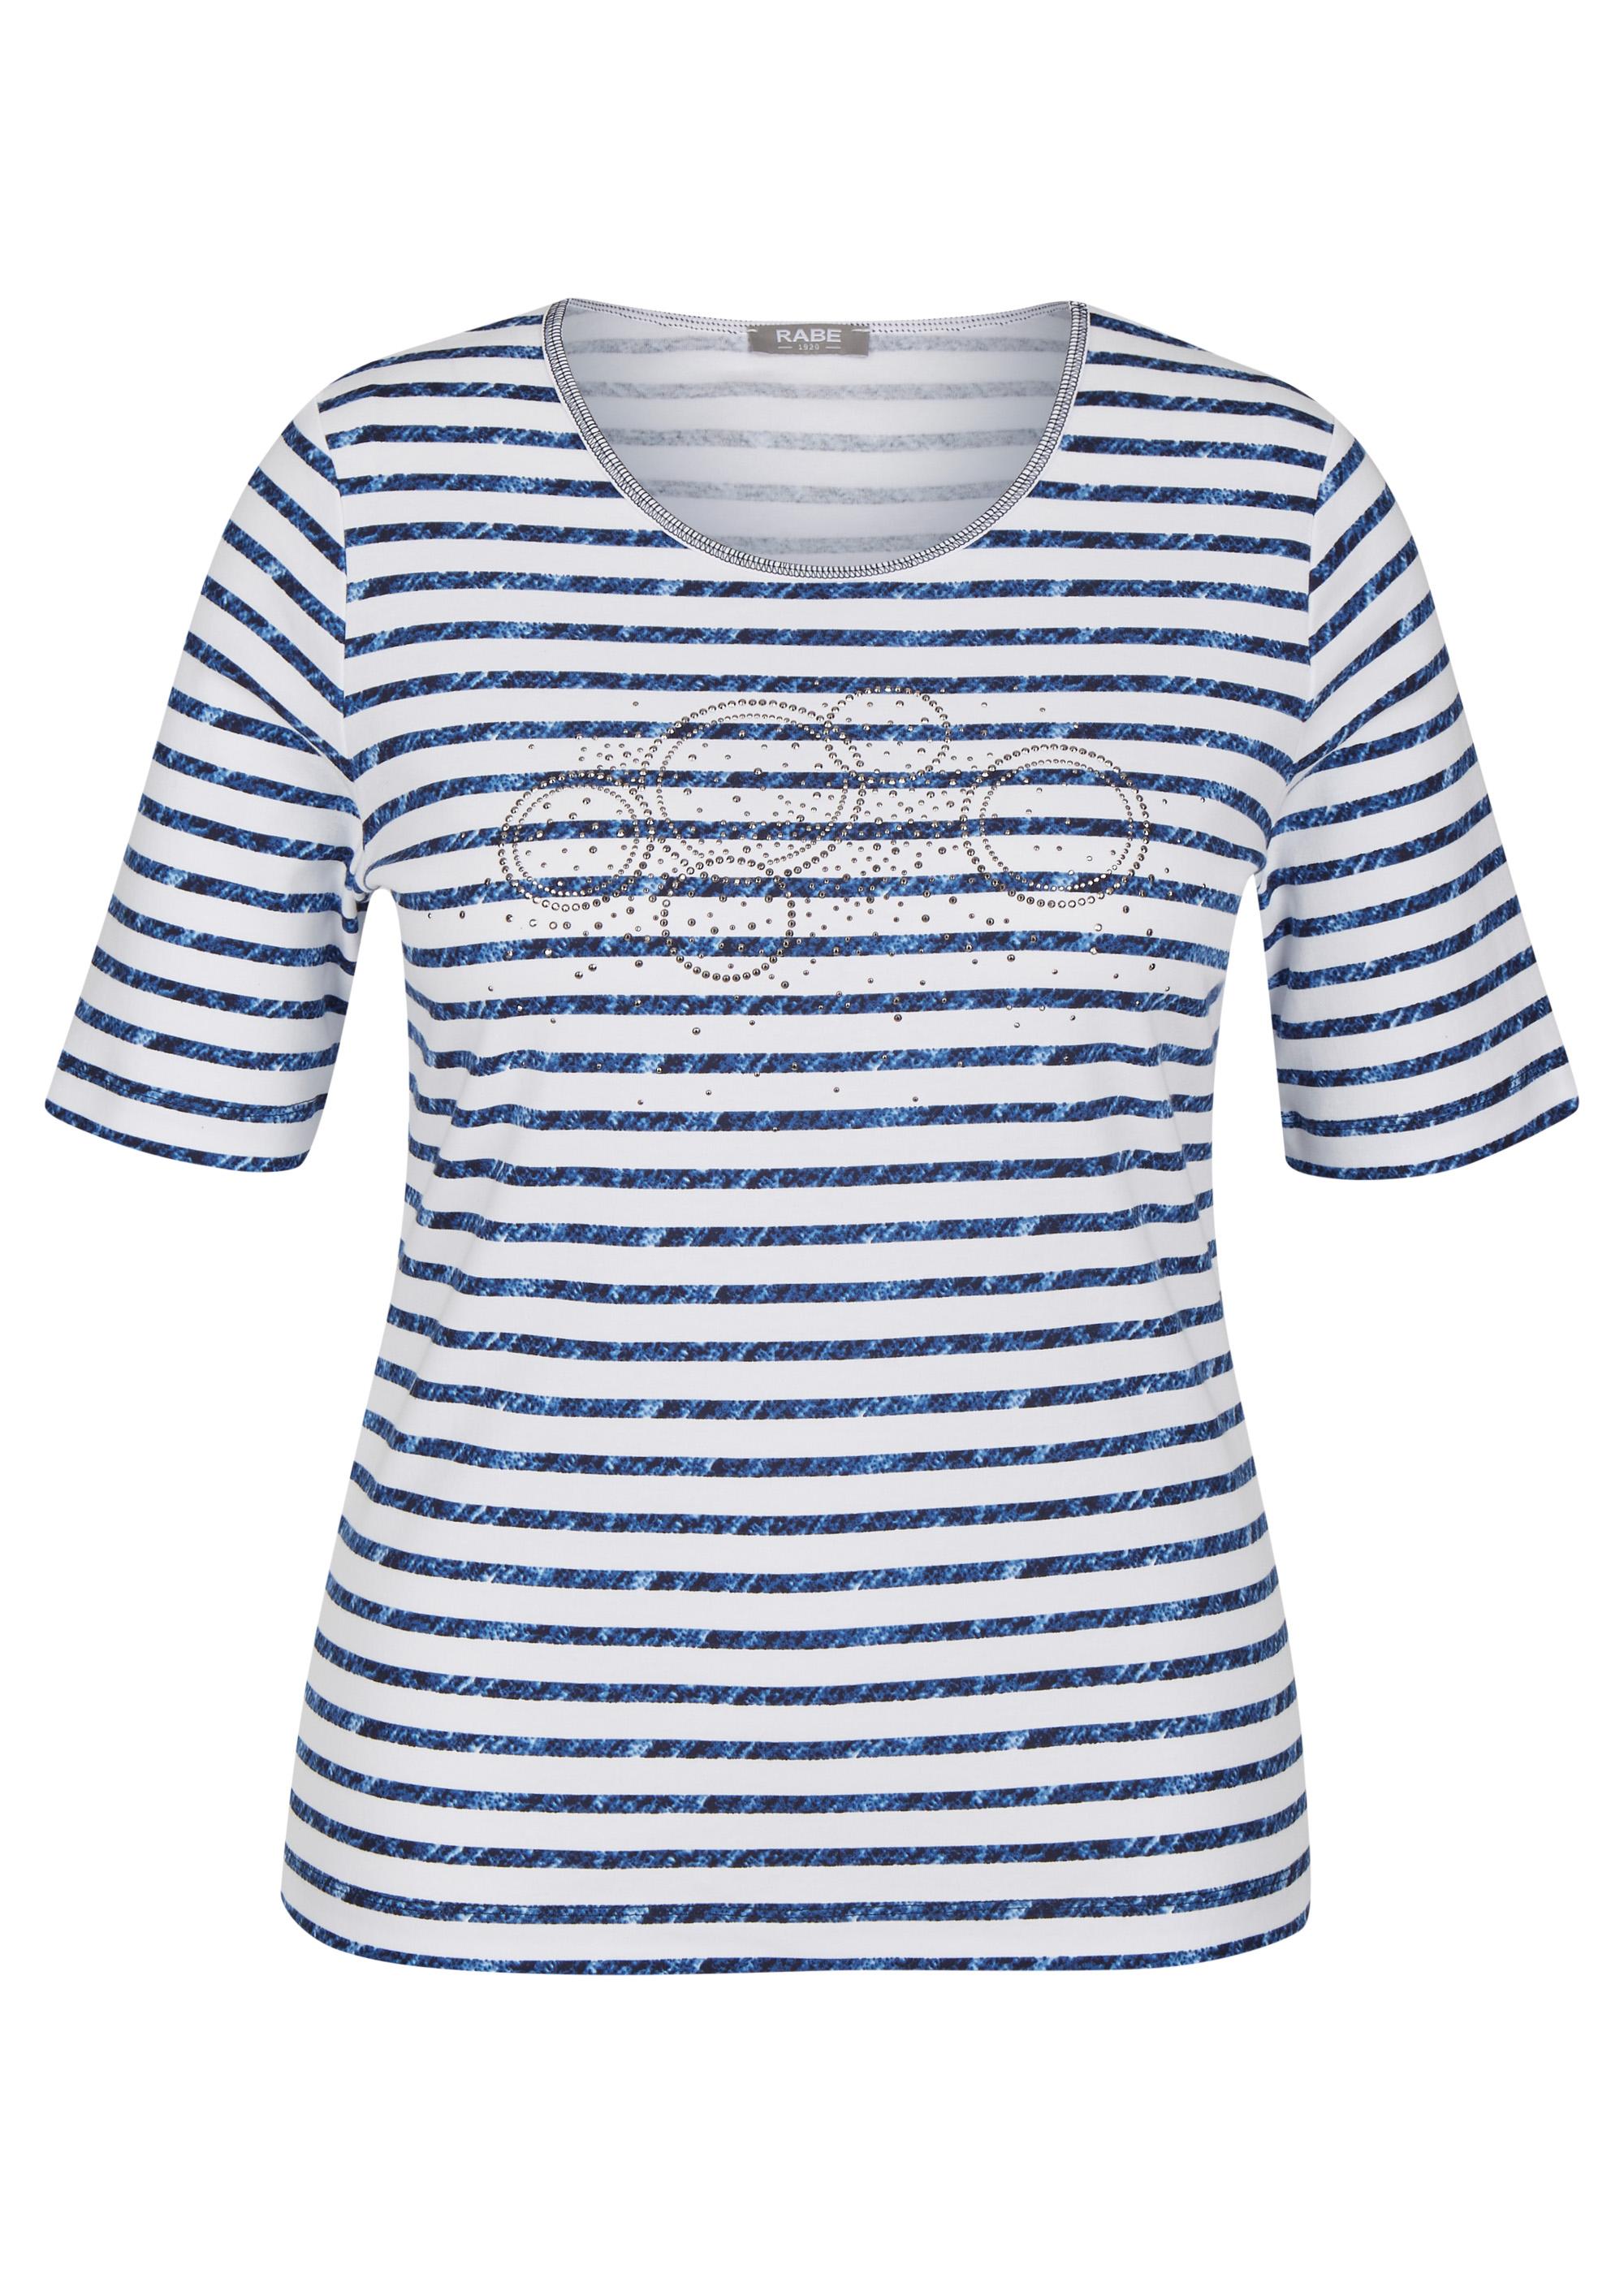 Rabe halbarm Shirt aus Baumwolle mit Strasssteinen blau gestreift